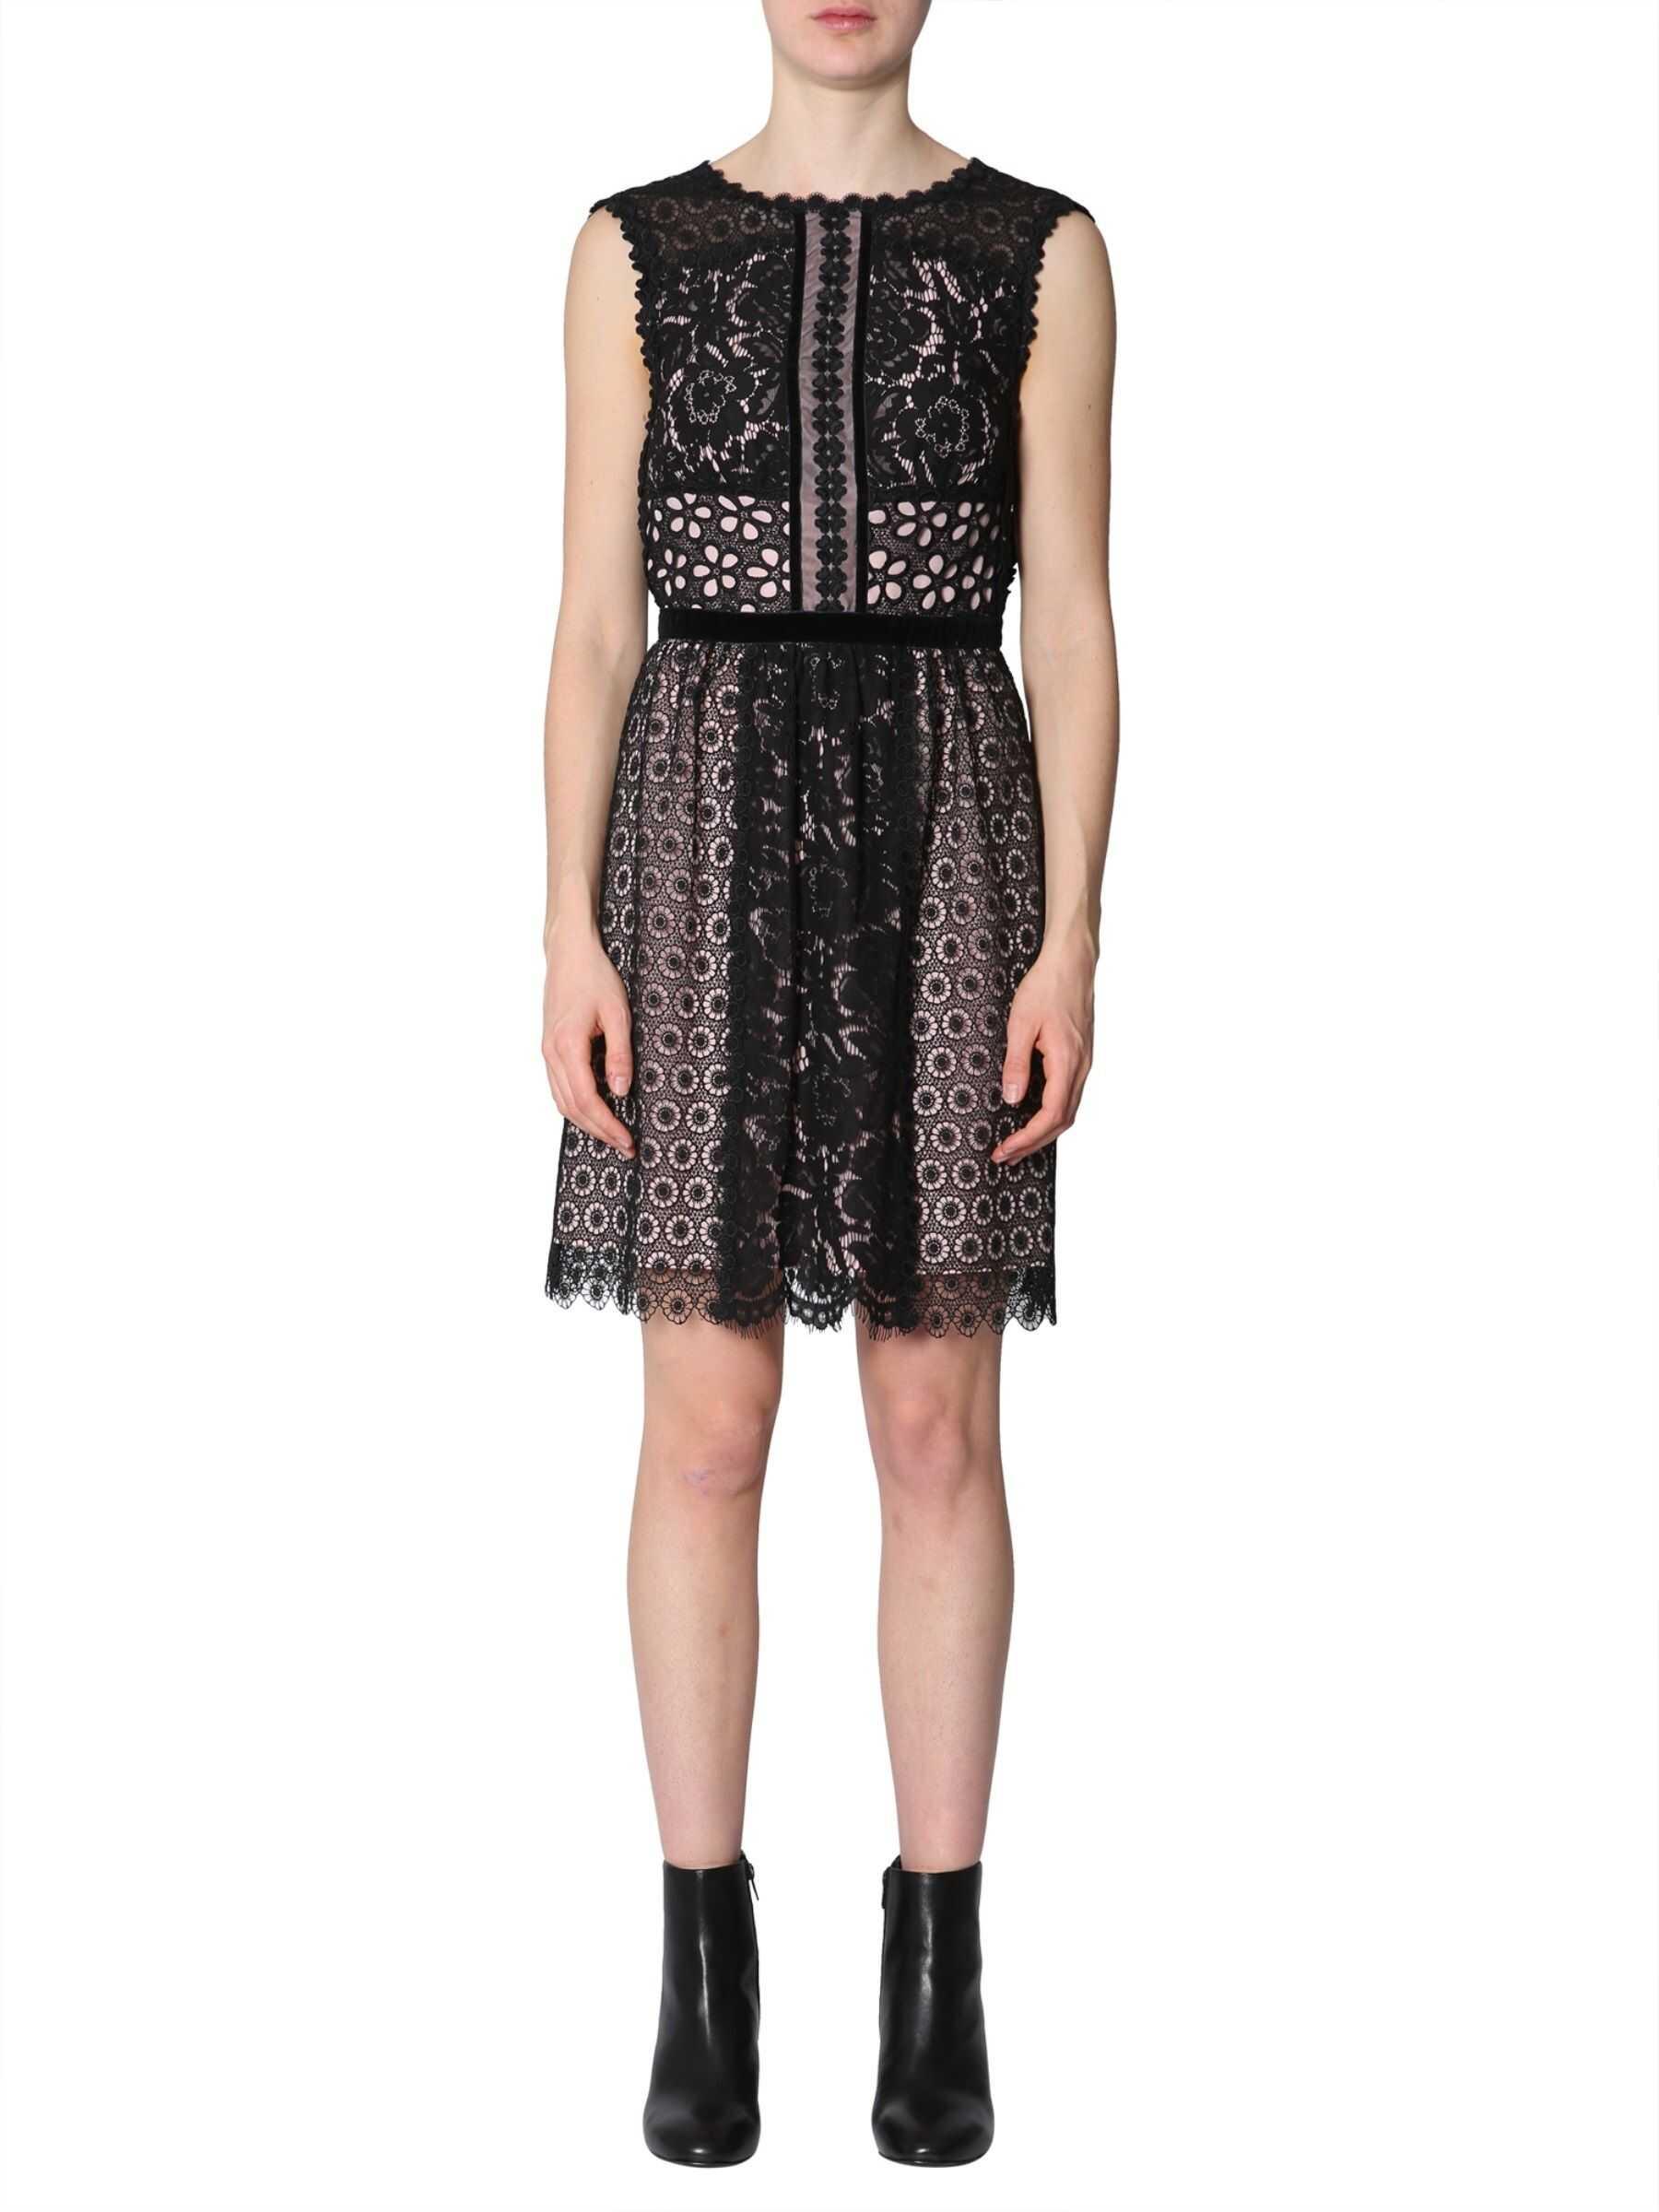 LOVE Moschino Sleeveless Dress BLACK